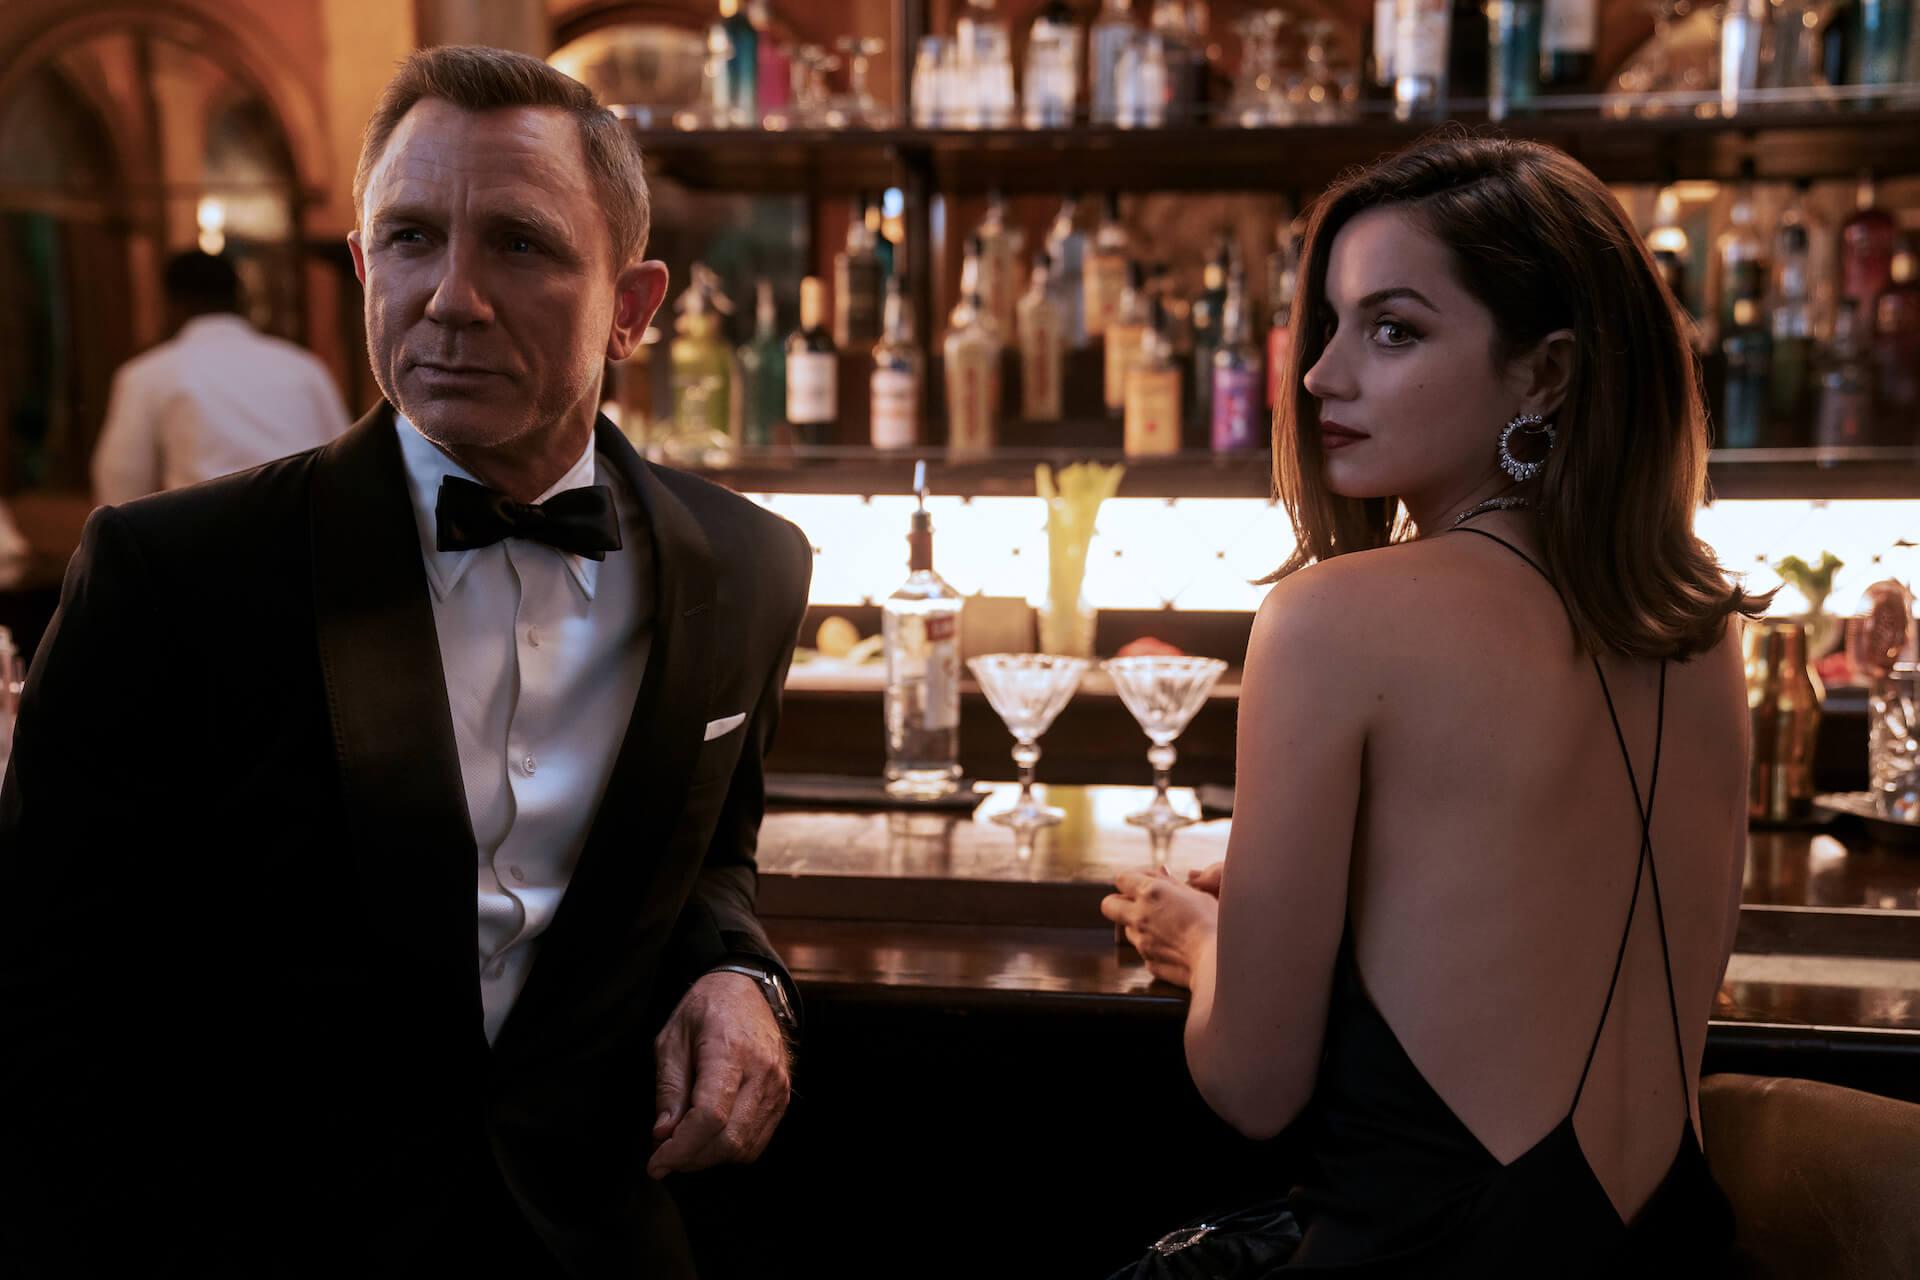 ダニエル・クレイグ演じるジェームズ・ボンドの歴史を振り返る!『007/ノー・タイム・トゥ・ダイ』特別映像が解禁 film210915_007_ntd_10